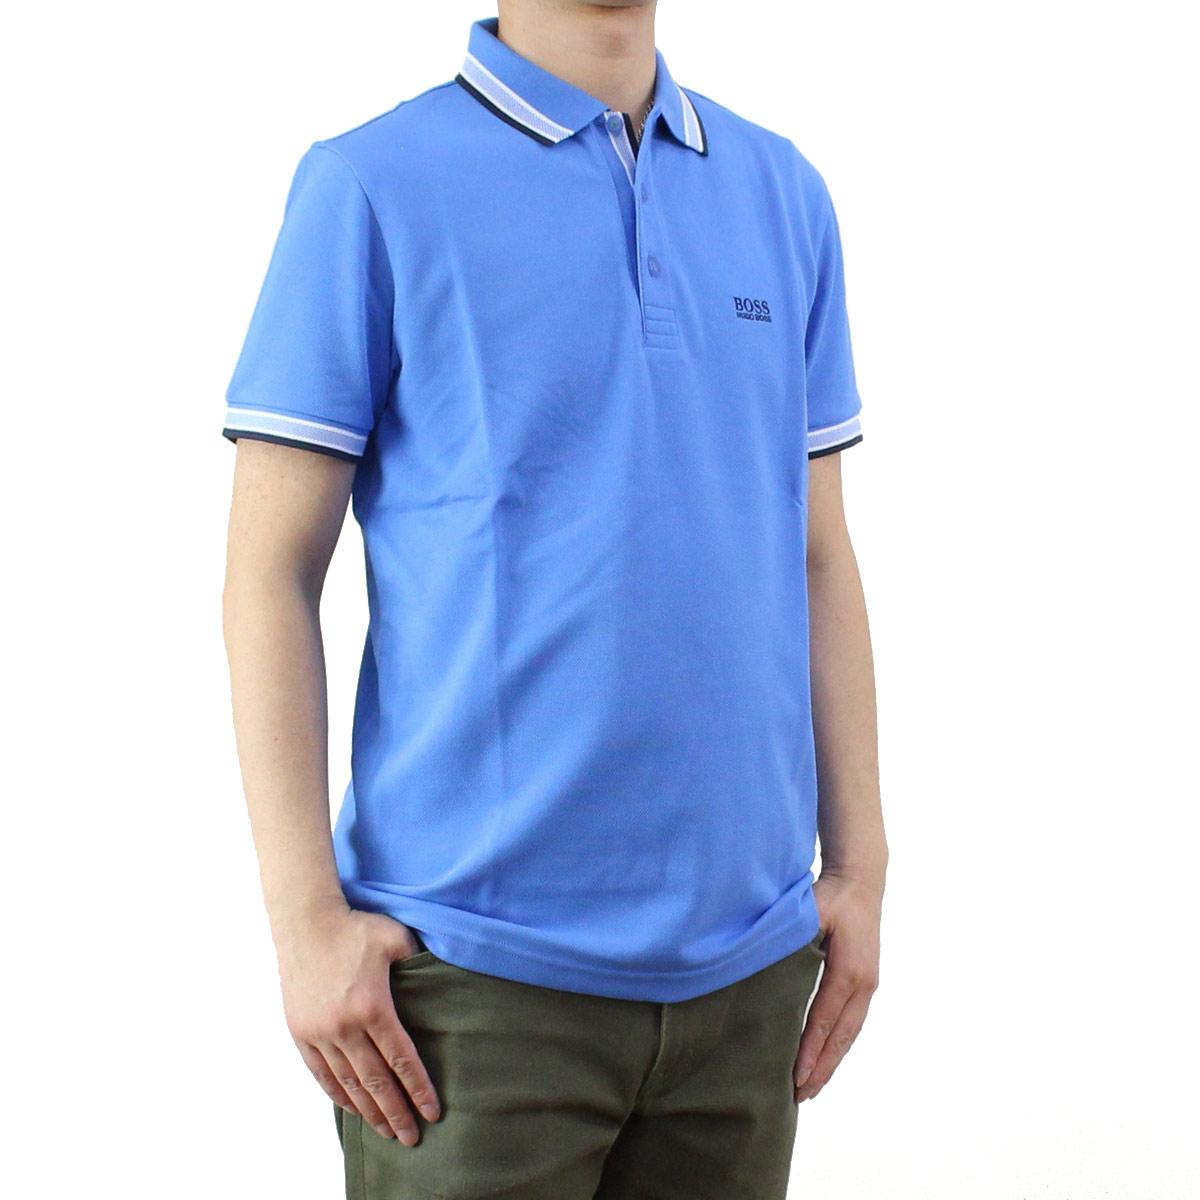 ヒューゴ ボス HUGO BOSS PADDY パディ メンズ ポロシャツ 50302557 10102943 423 ブルー系 メンズ 半袖 ゴルフウェア【キャッシュレス 5% 還元】